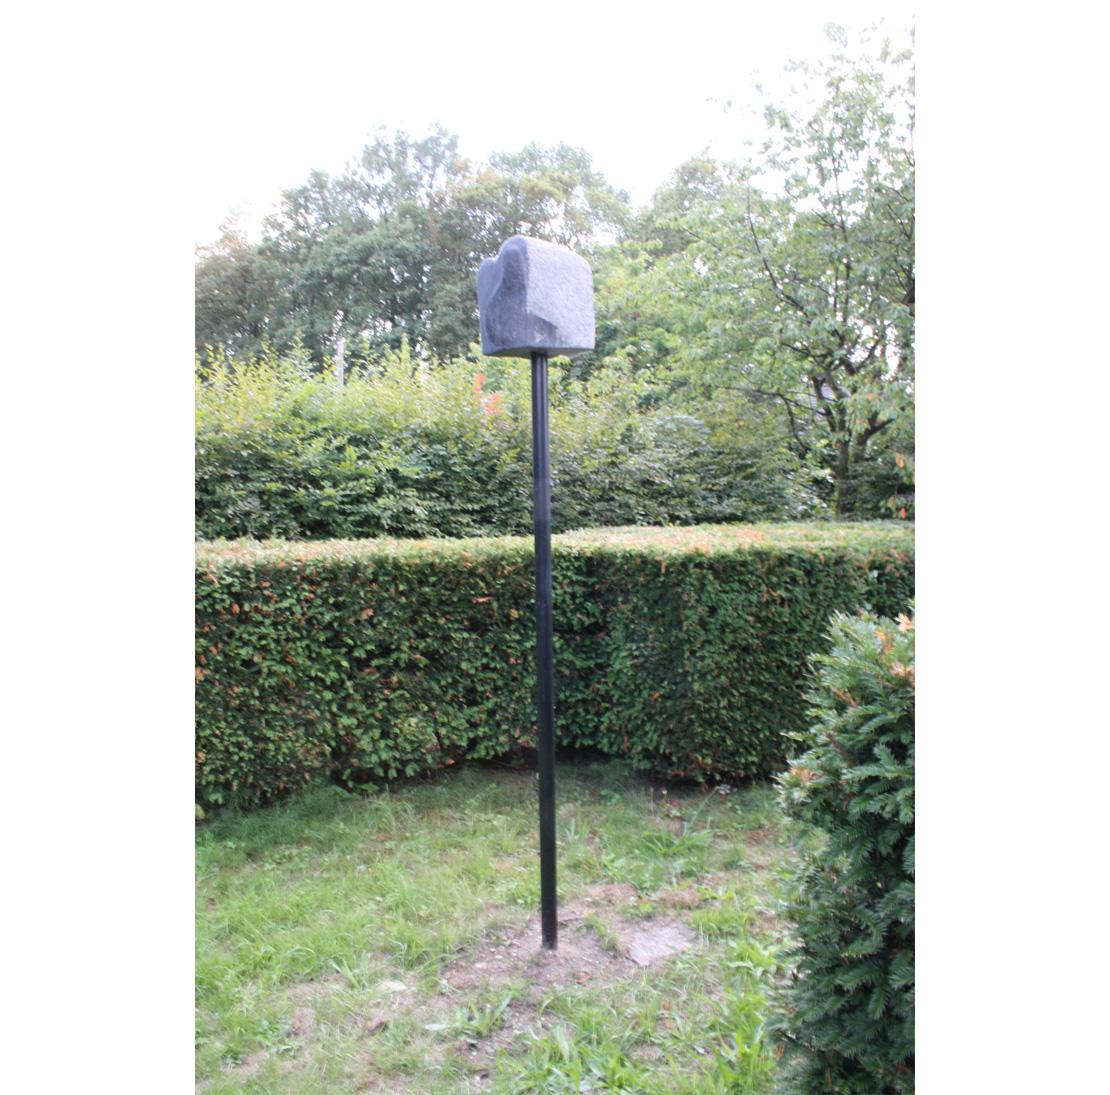 Titel: Opwaartse zwaarte  Materiaal: staal en Belgisch hardsteen  Formaat: beeld 25x26x30cm op 240cm hoogte